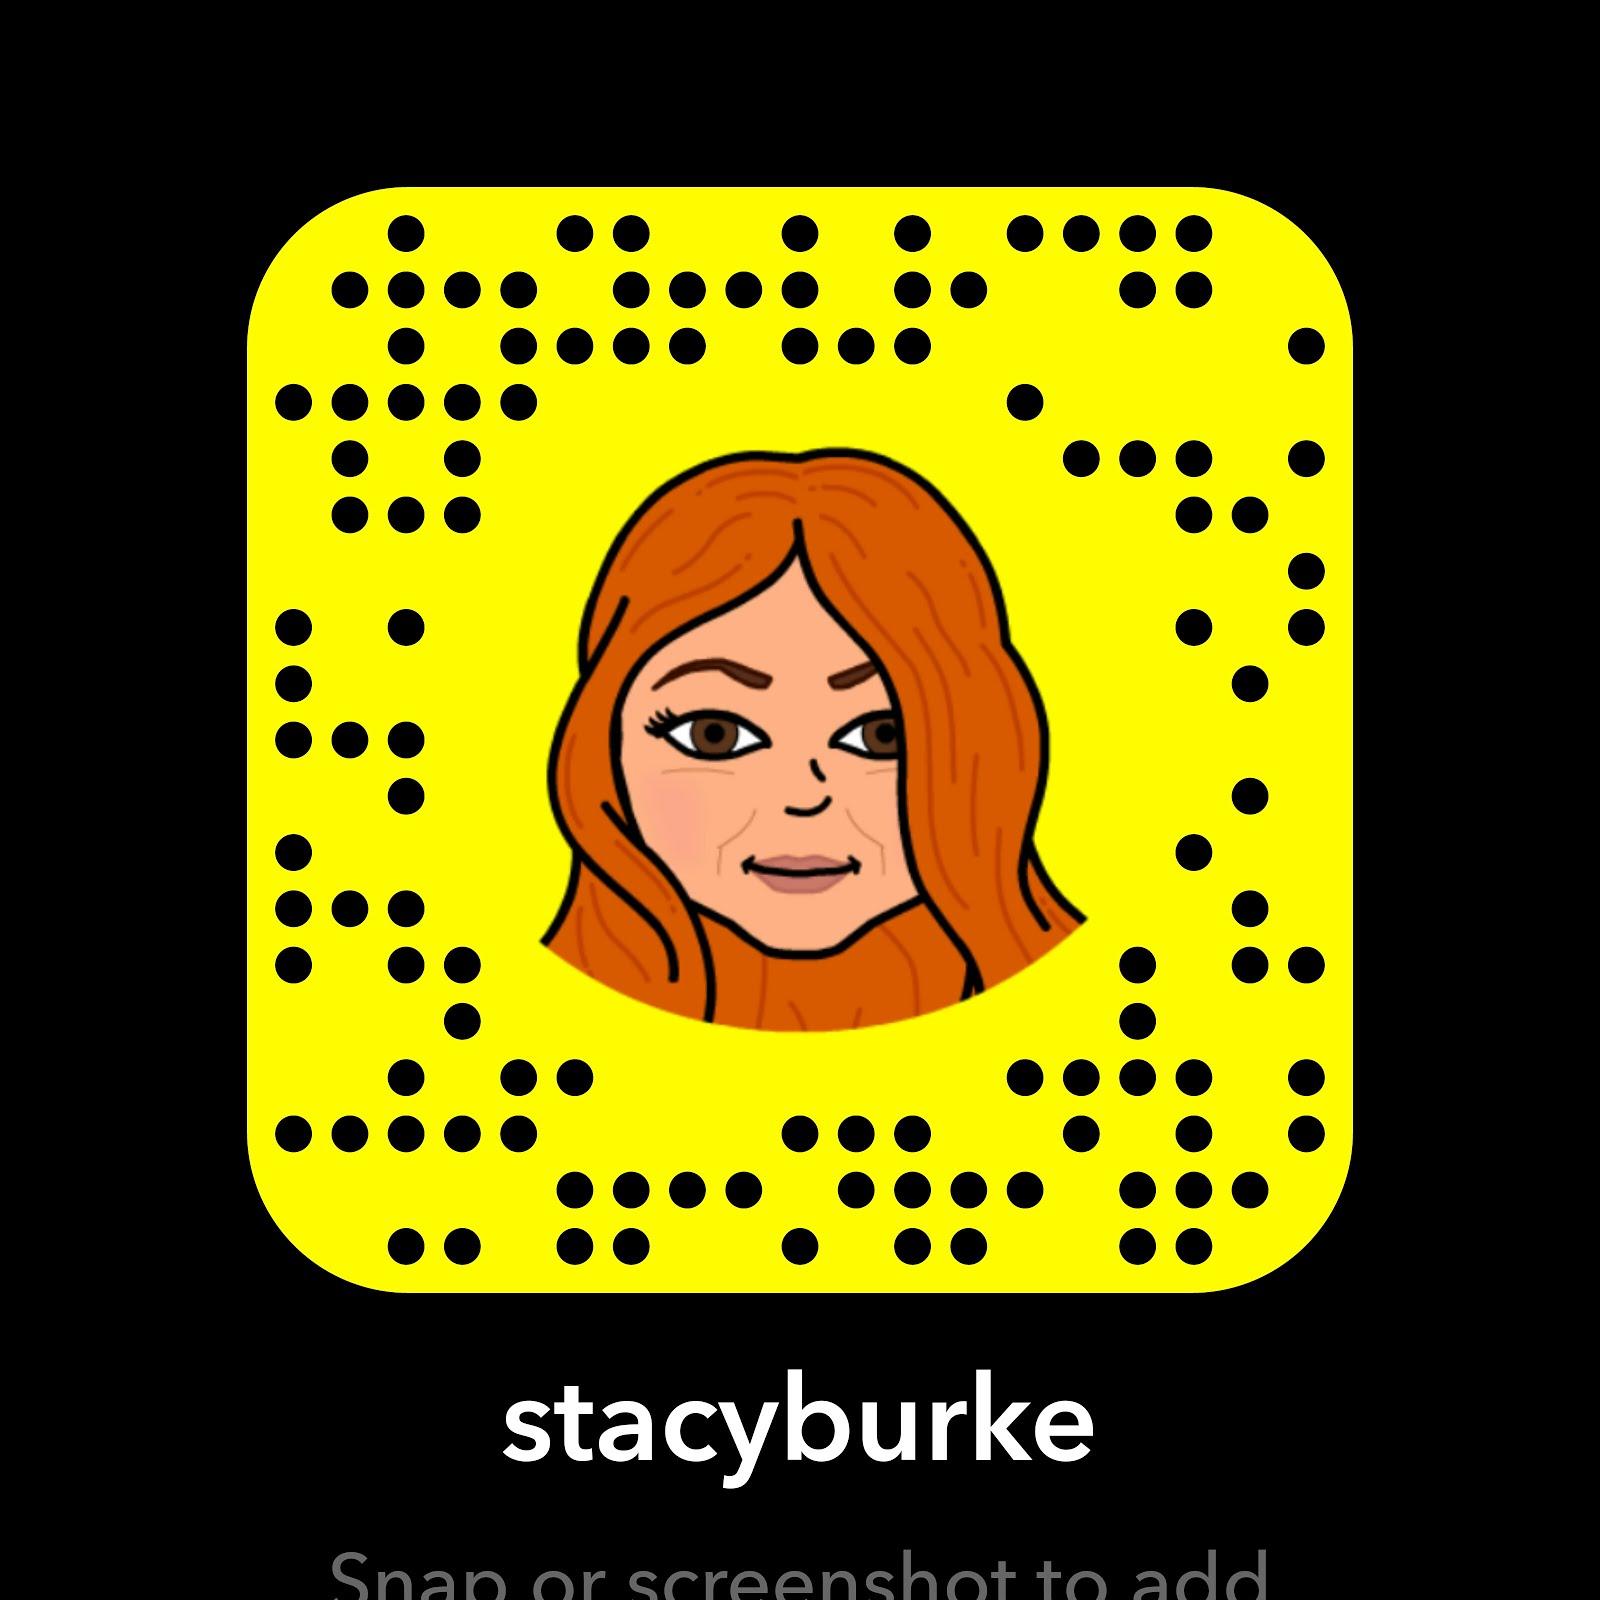 SnapChat: @StacyBurke